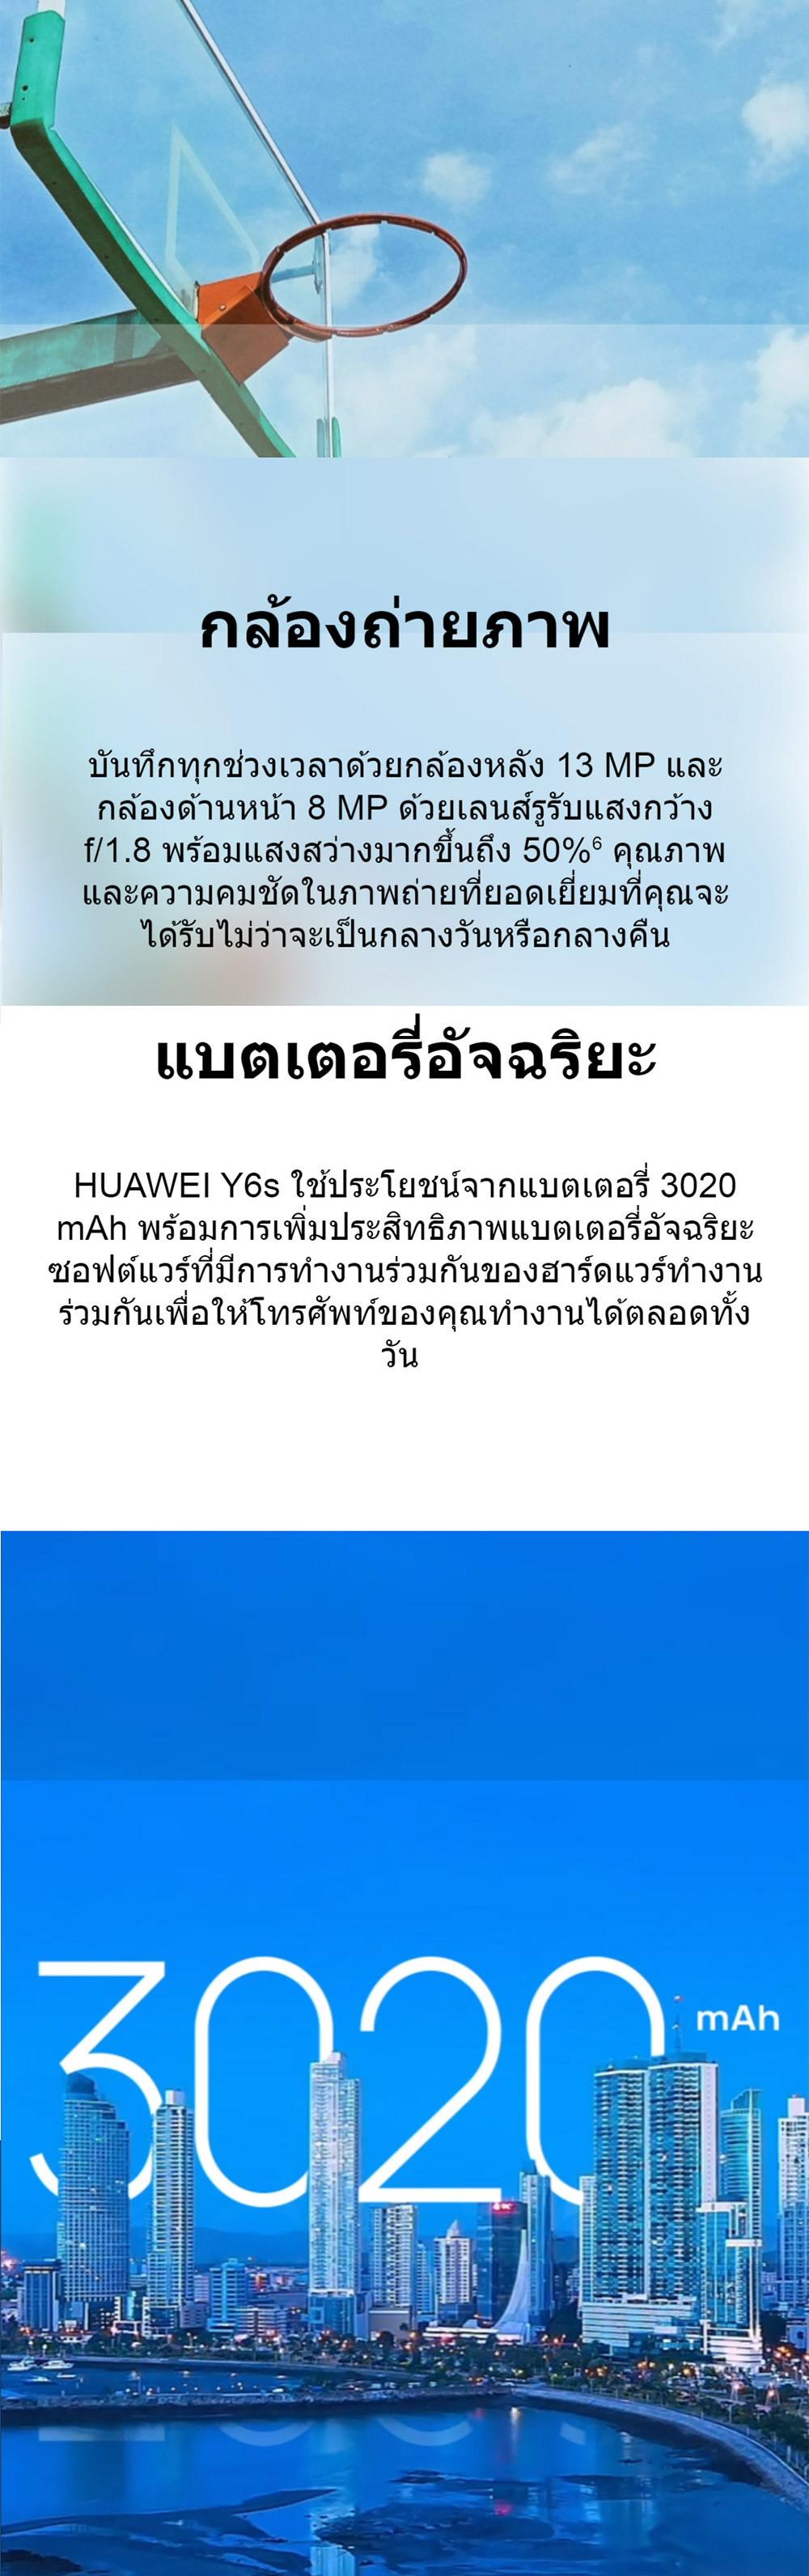 huawei-y6s-1_4.jpg